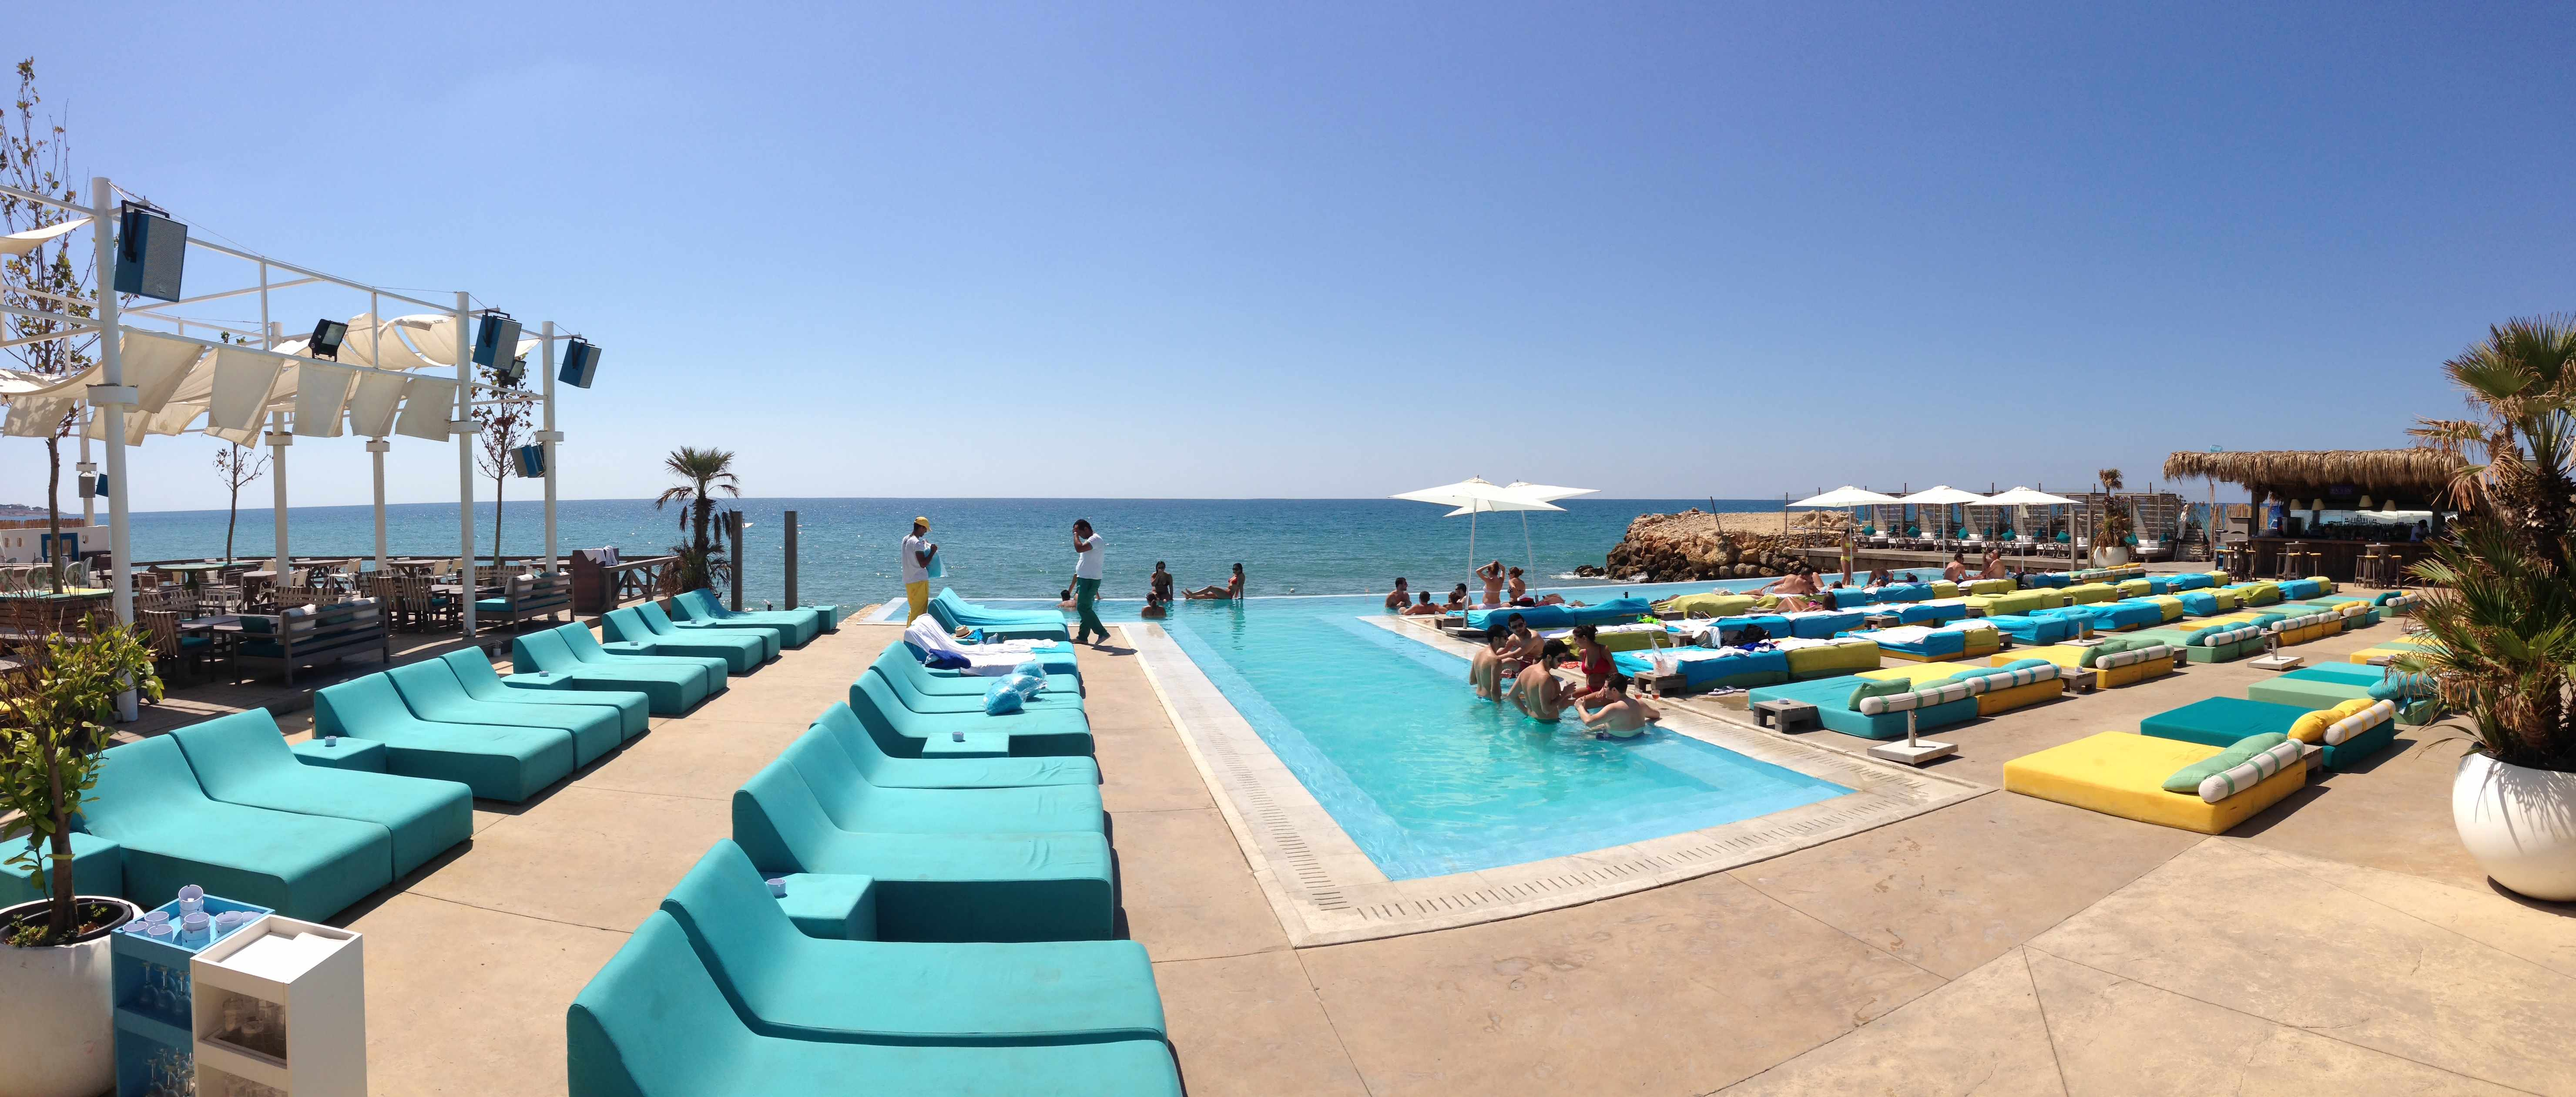 2. Iris Beach Club